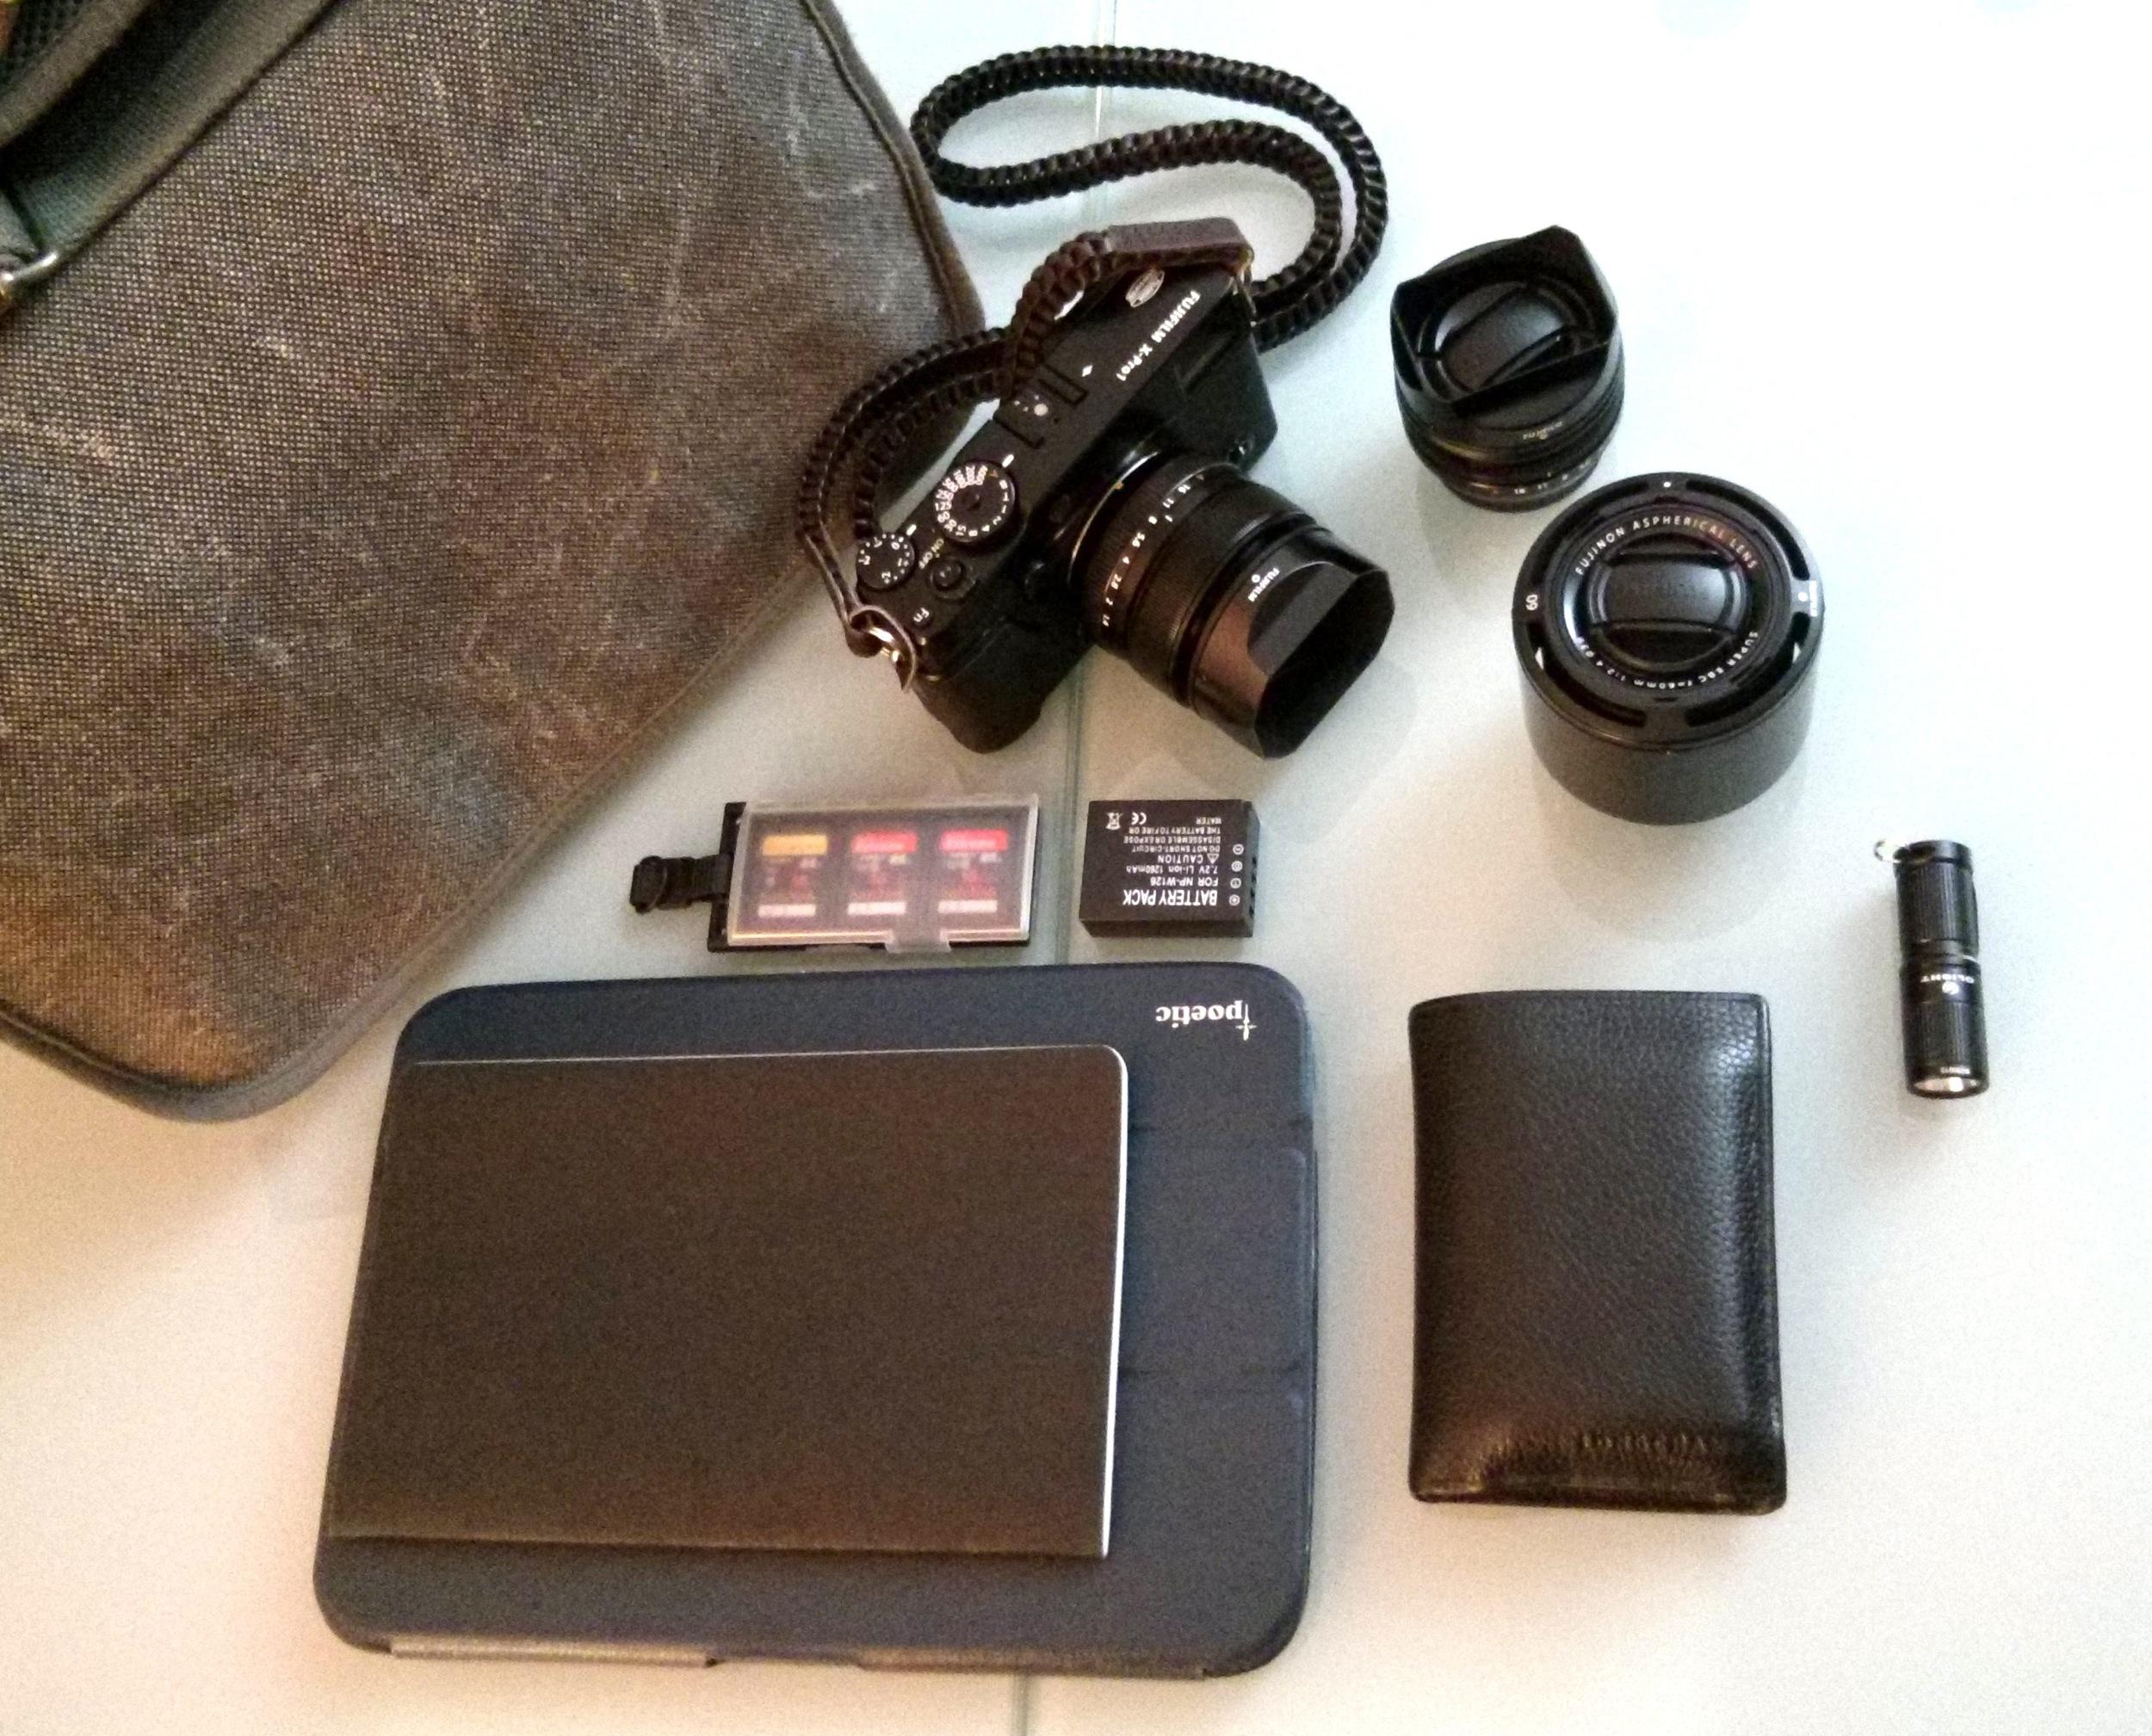 Mon kit pour la photo urbaine: Fuji X-Pro 1 + 3 optiques, tablette Nexus 10, lampe led, portefeuille, cartes mémoires et batterie